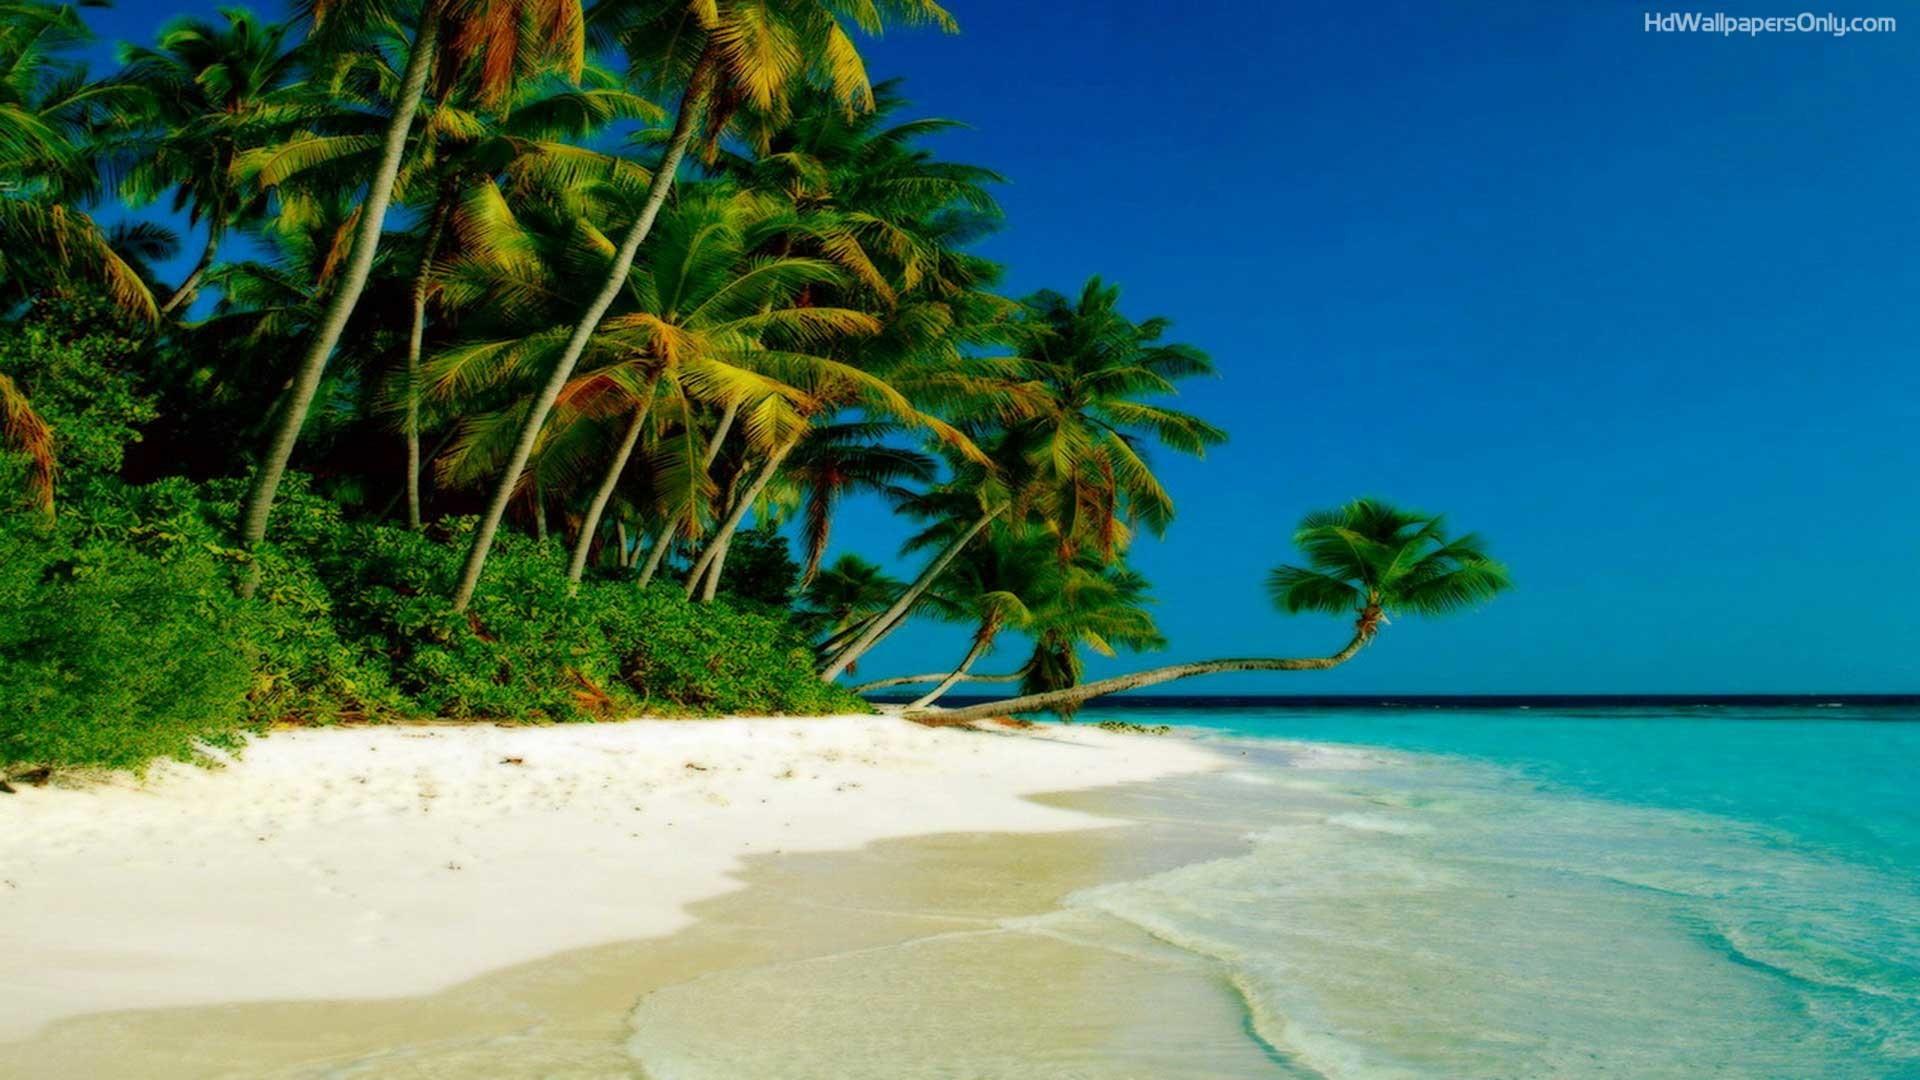 levu beach sunset wallpaper hd Download levu beach sunset wallpaper hd .